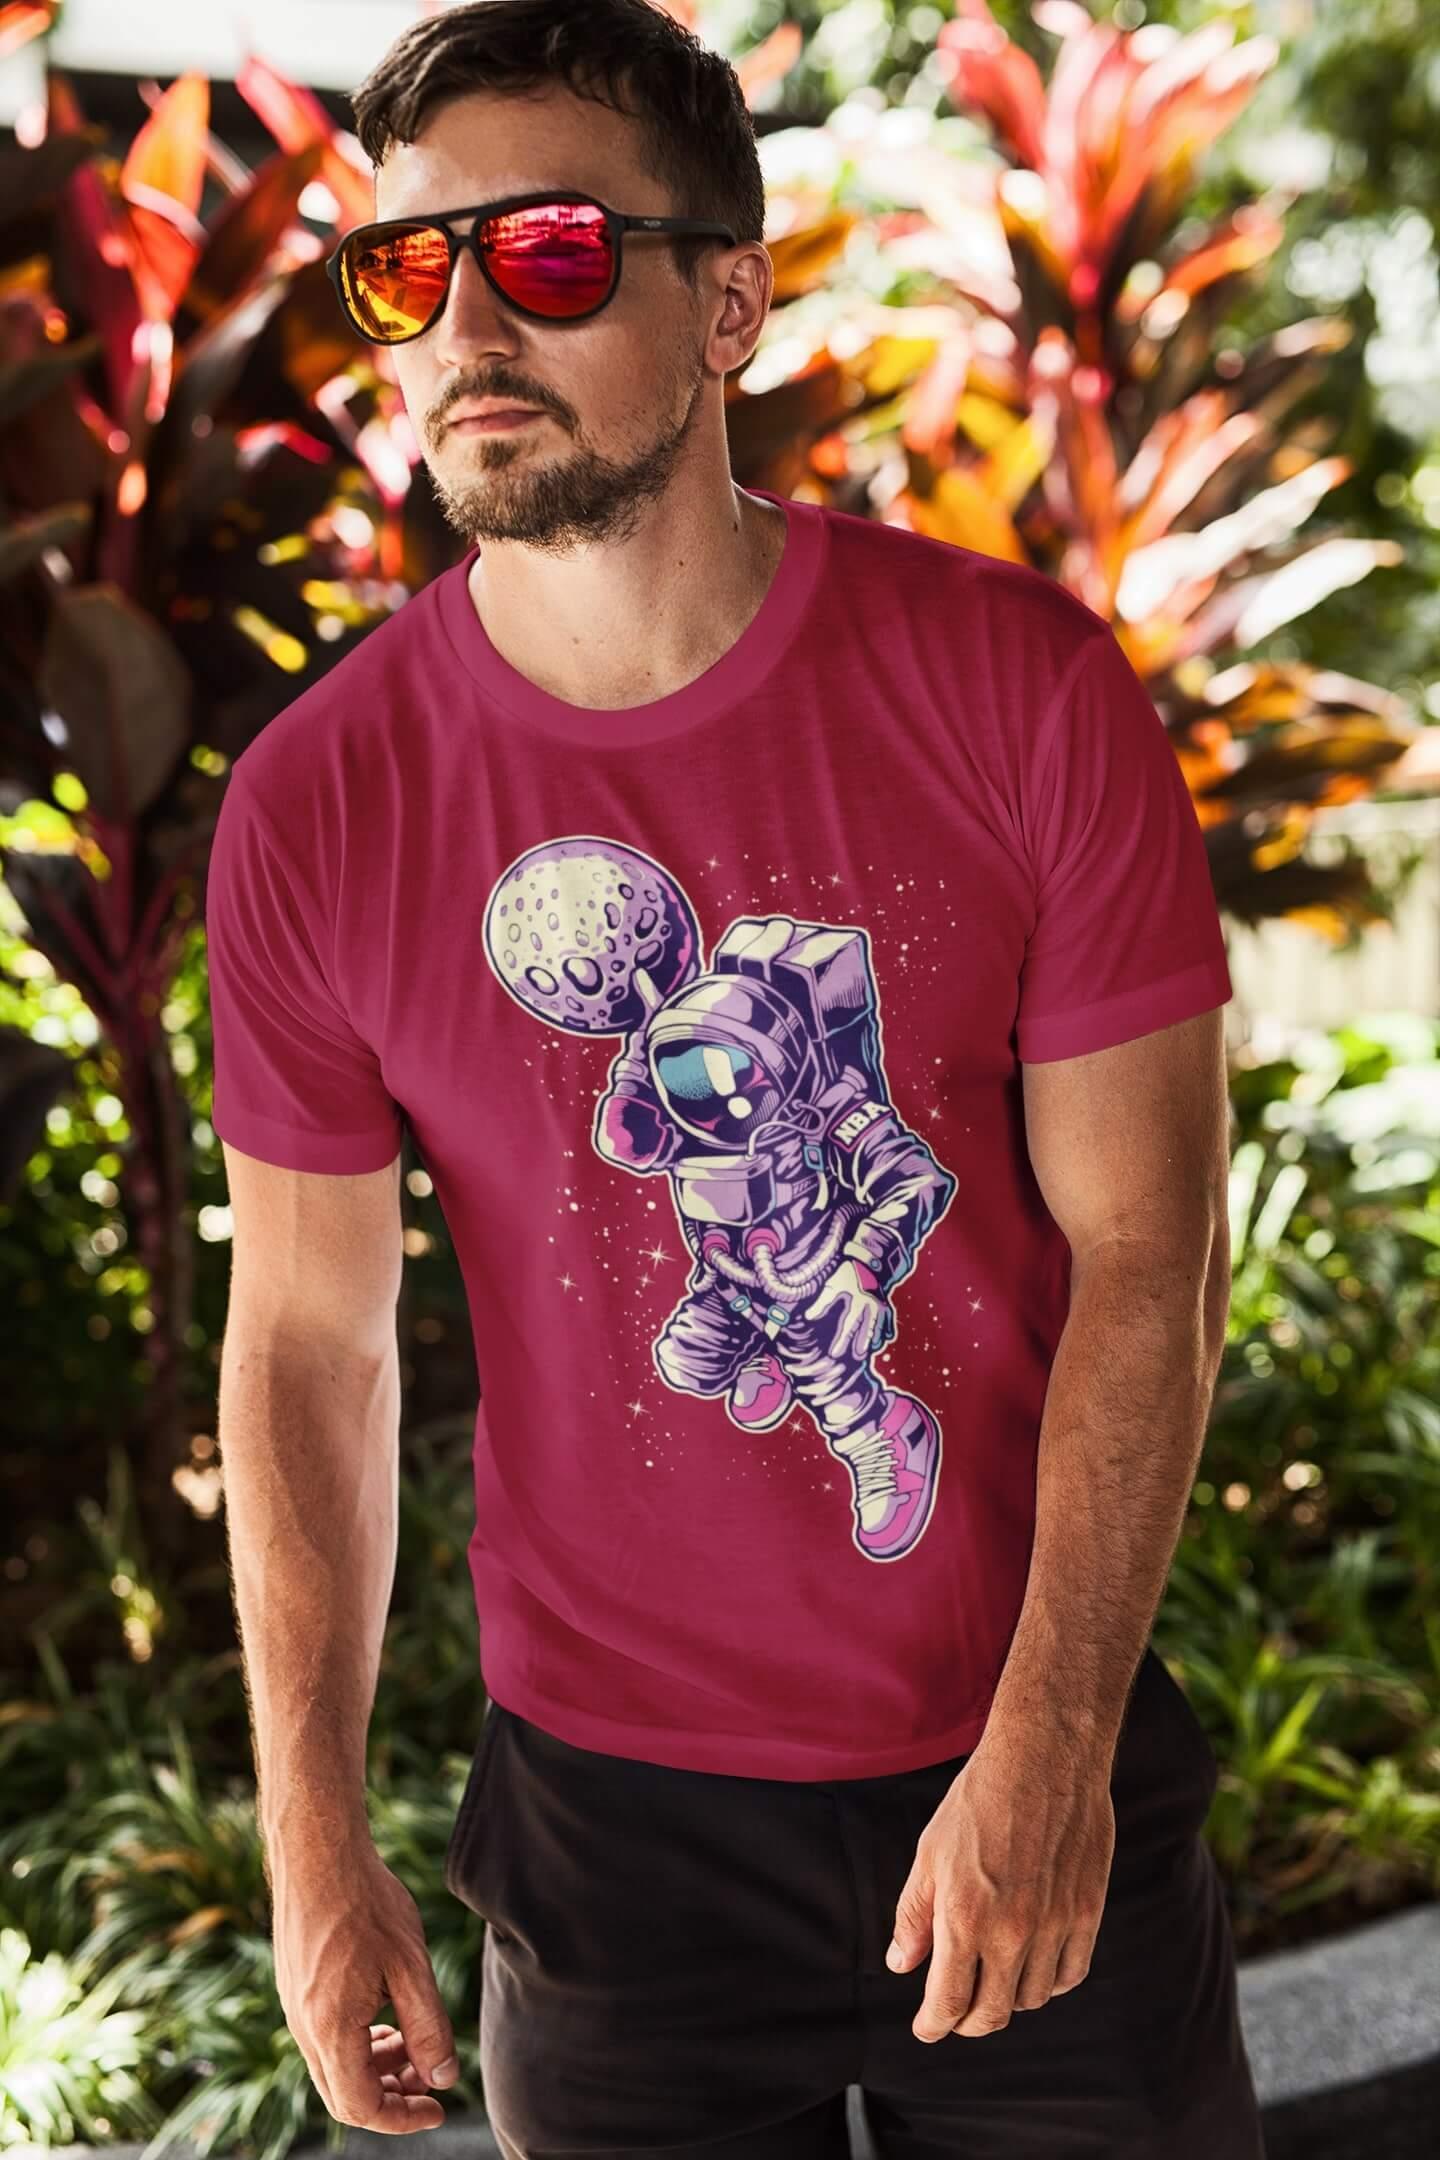 MMO Pánske tričko Astronaut s mesiacom v ruke Vyberte farbu: Marlboro červená, Vyberte veľkosť: S